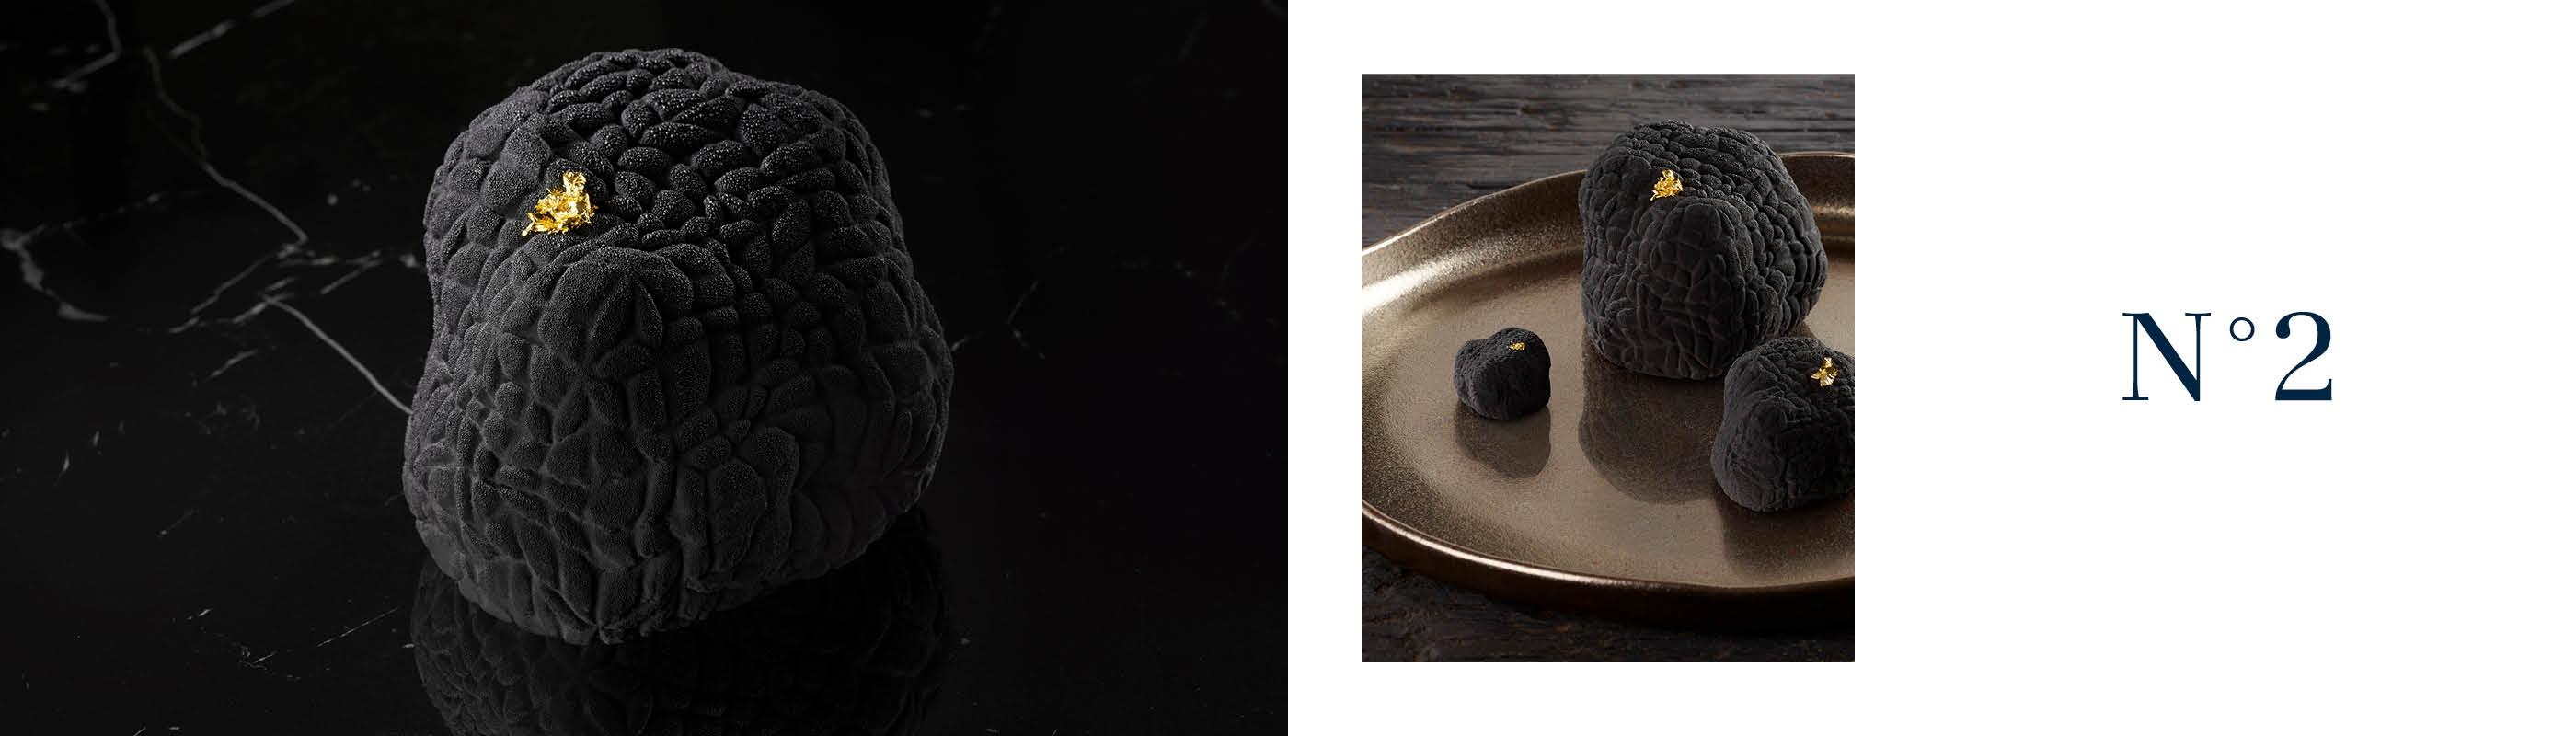 Idée cadeau truffe